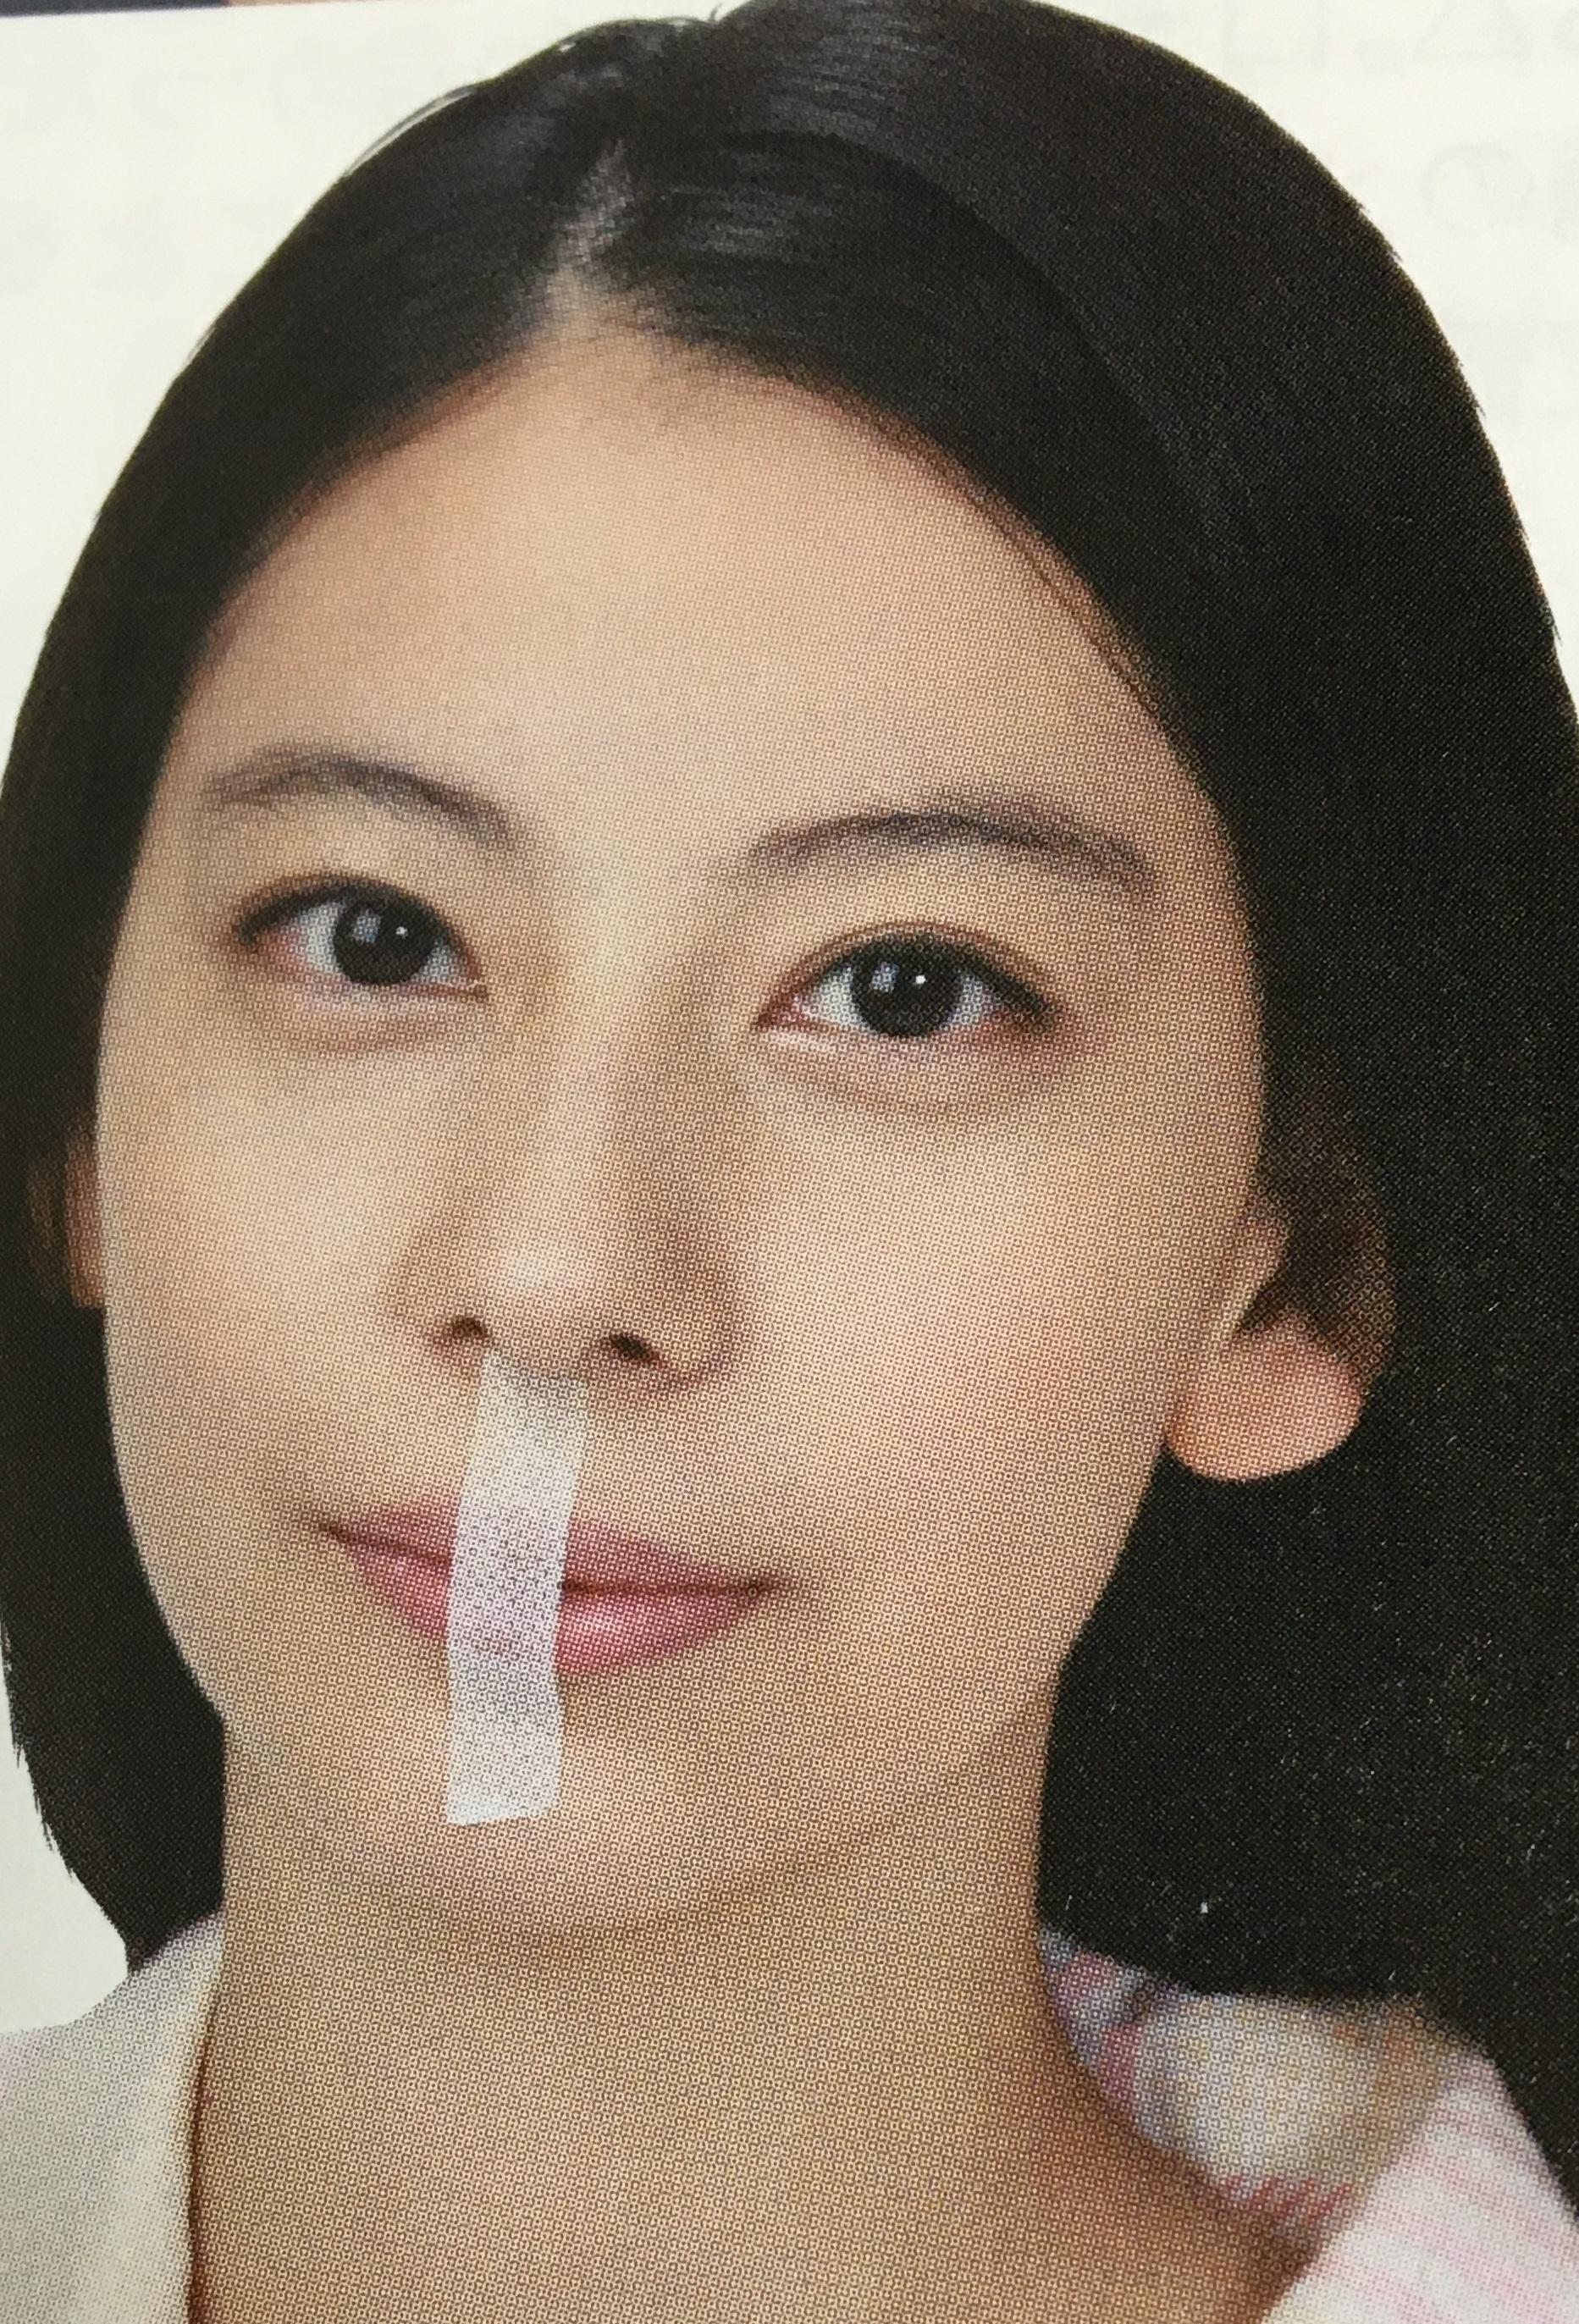 unnamed file 4 - 即効!口呼吸の害を止める 口テープ